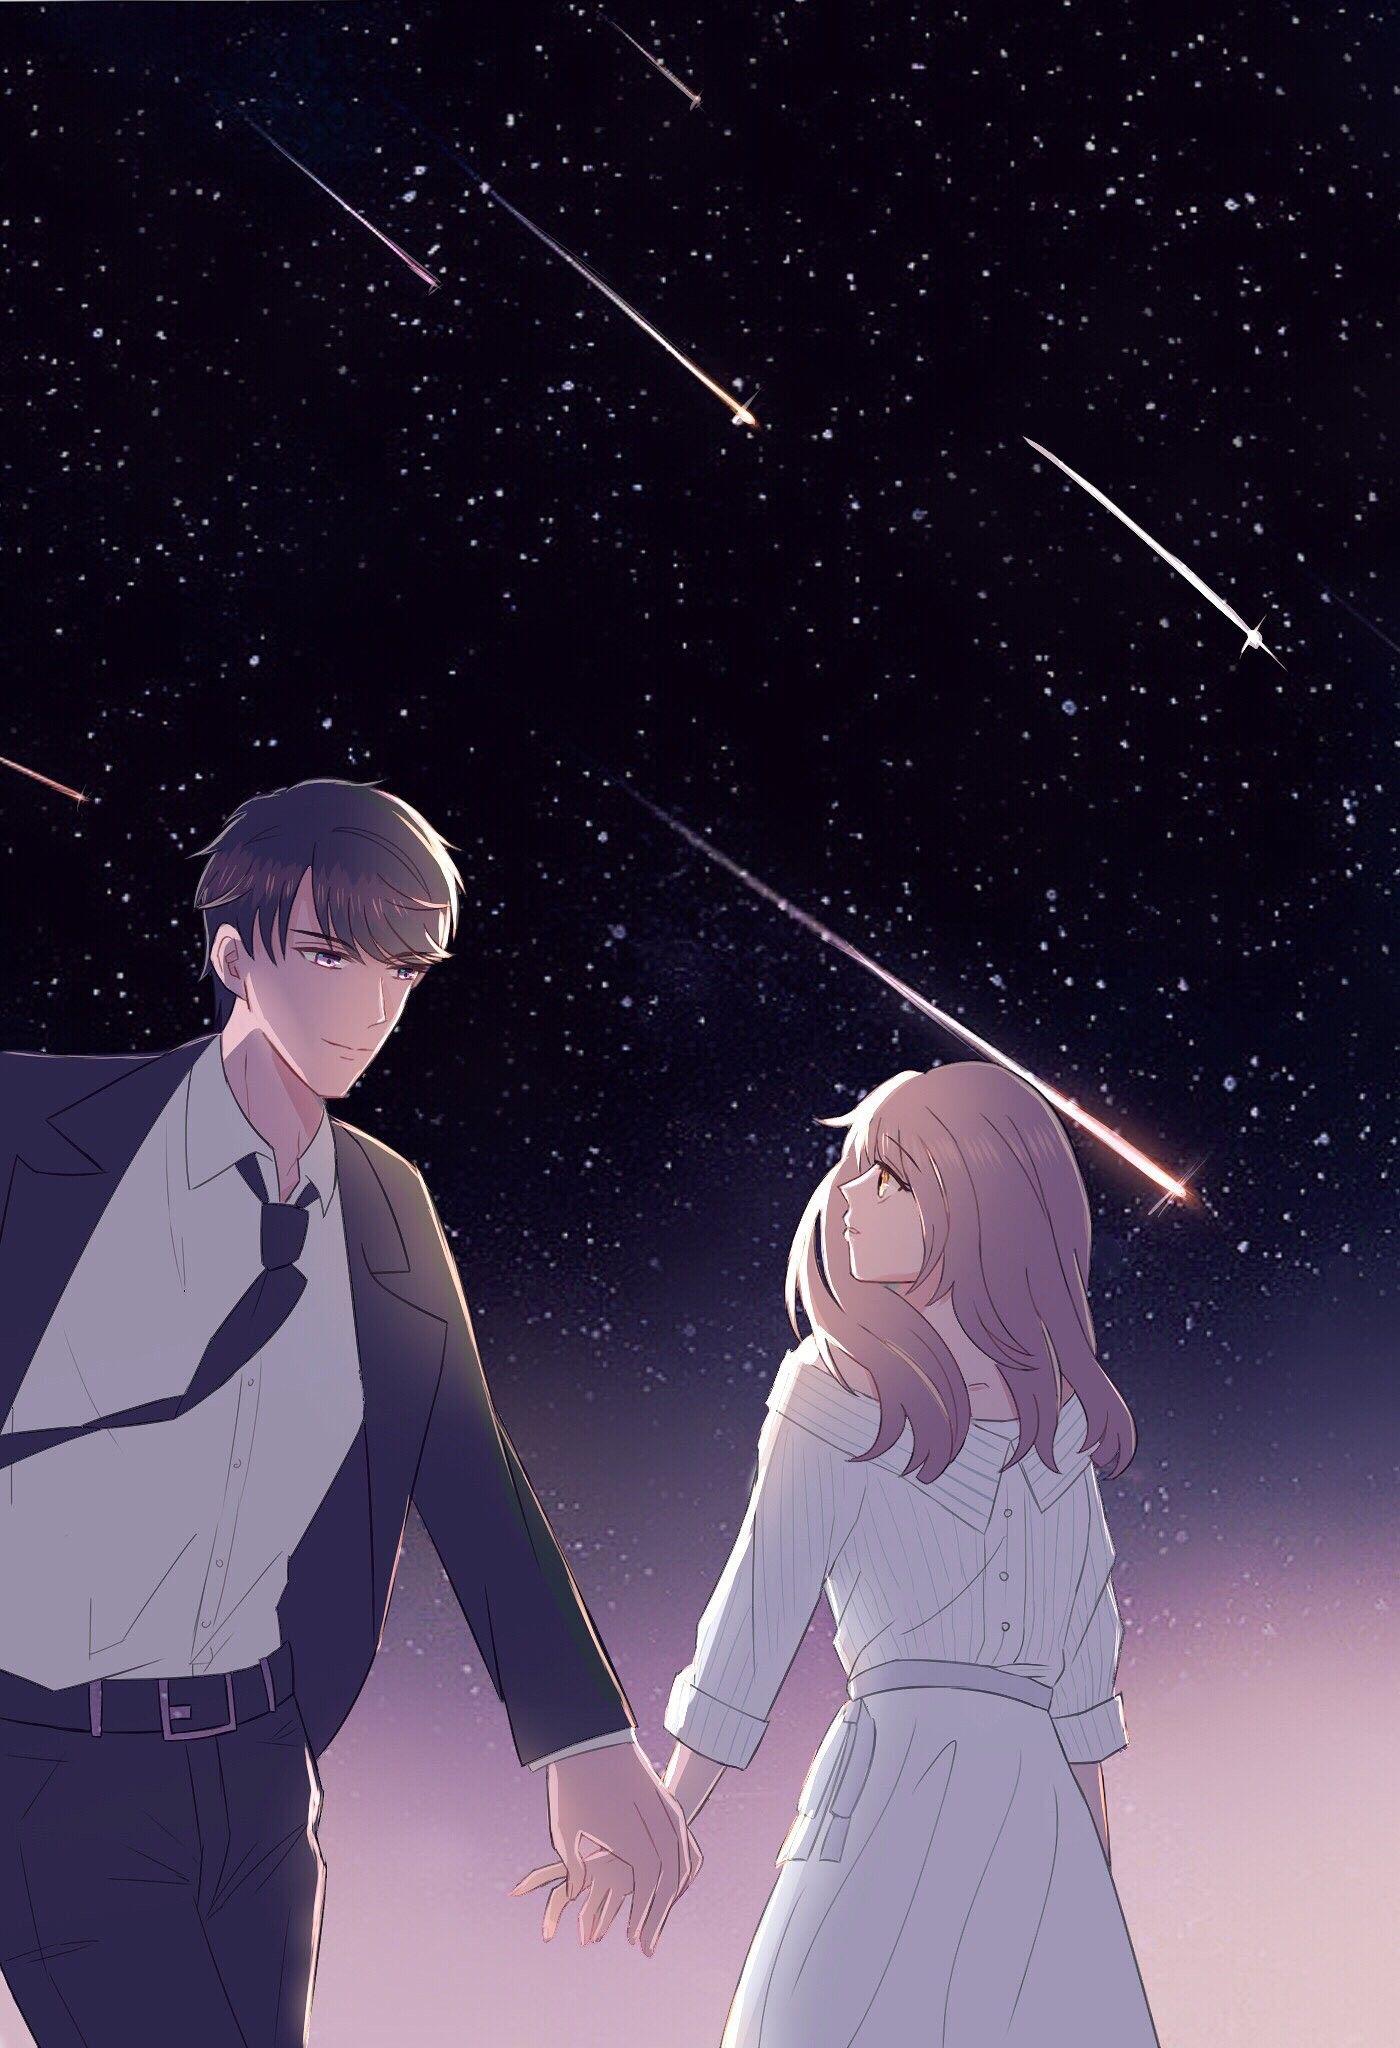 Art By Producer Sko Romantic Anime Anime Cupples Anime Love